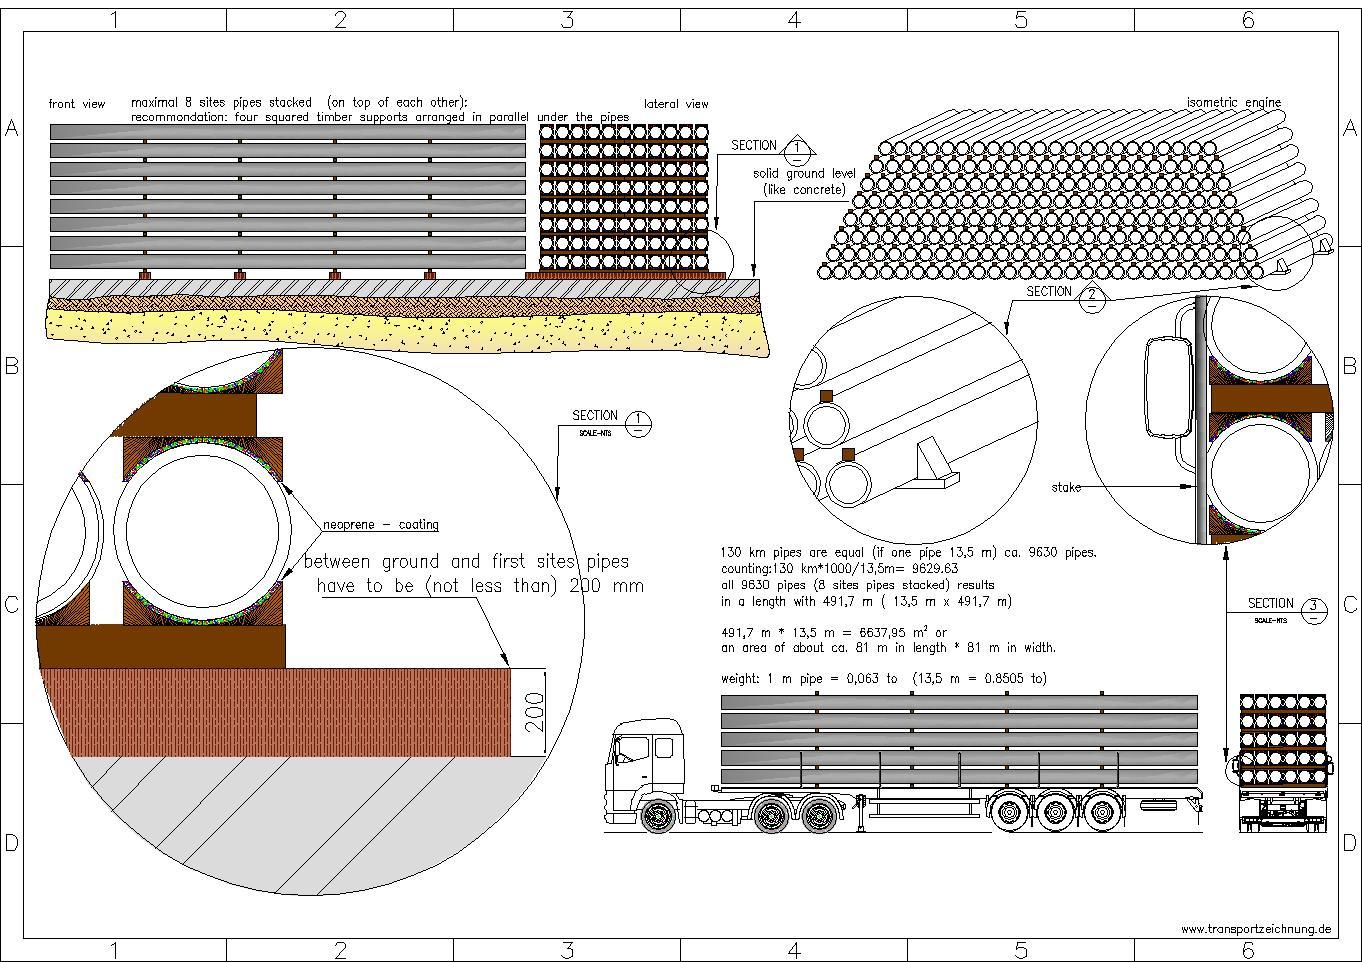 Рисунок pdf, бесплатные фото, обои ...: pictures11.ru/risunok-pdf.html